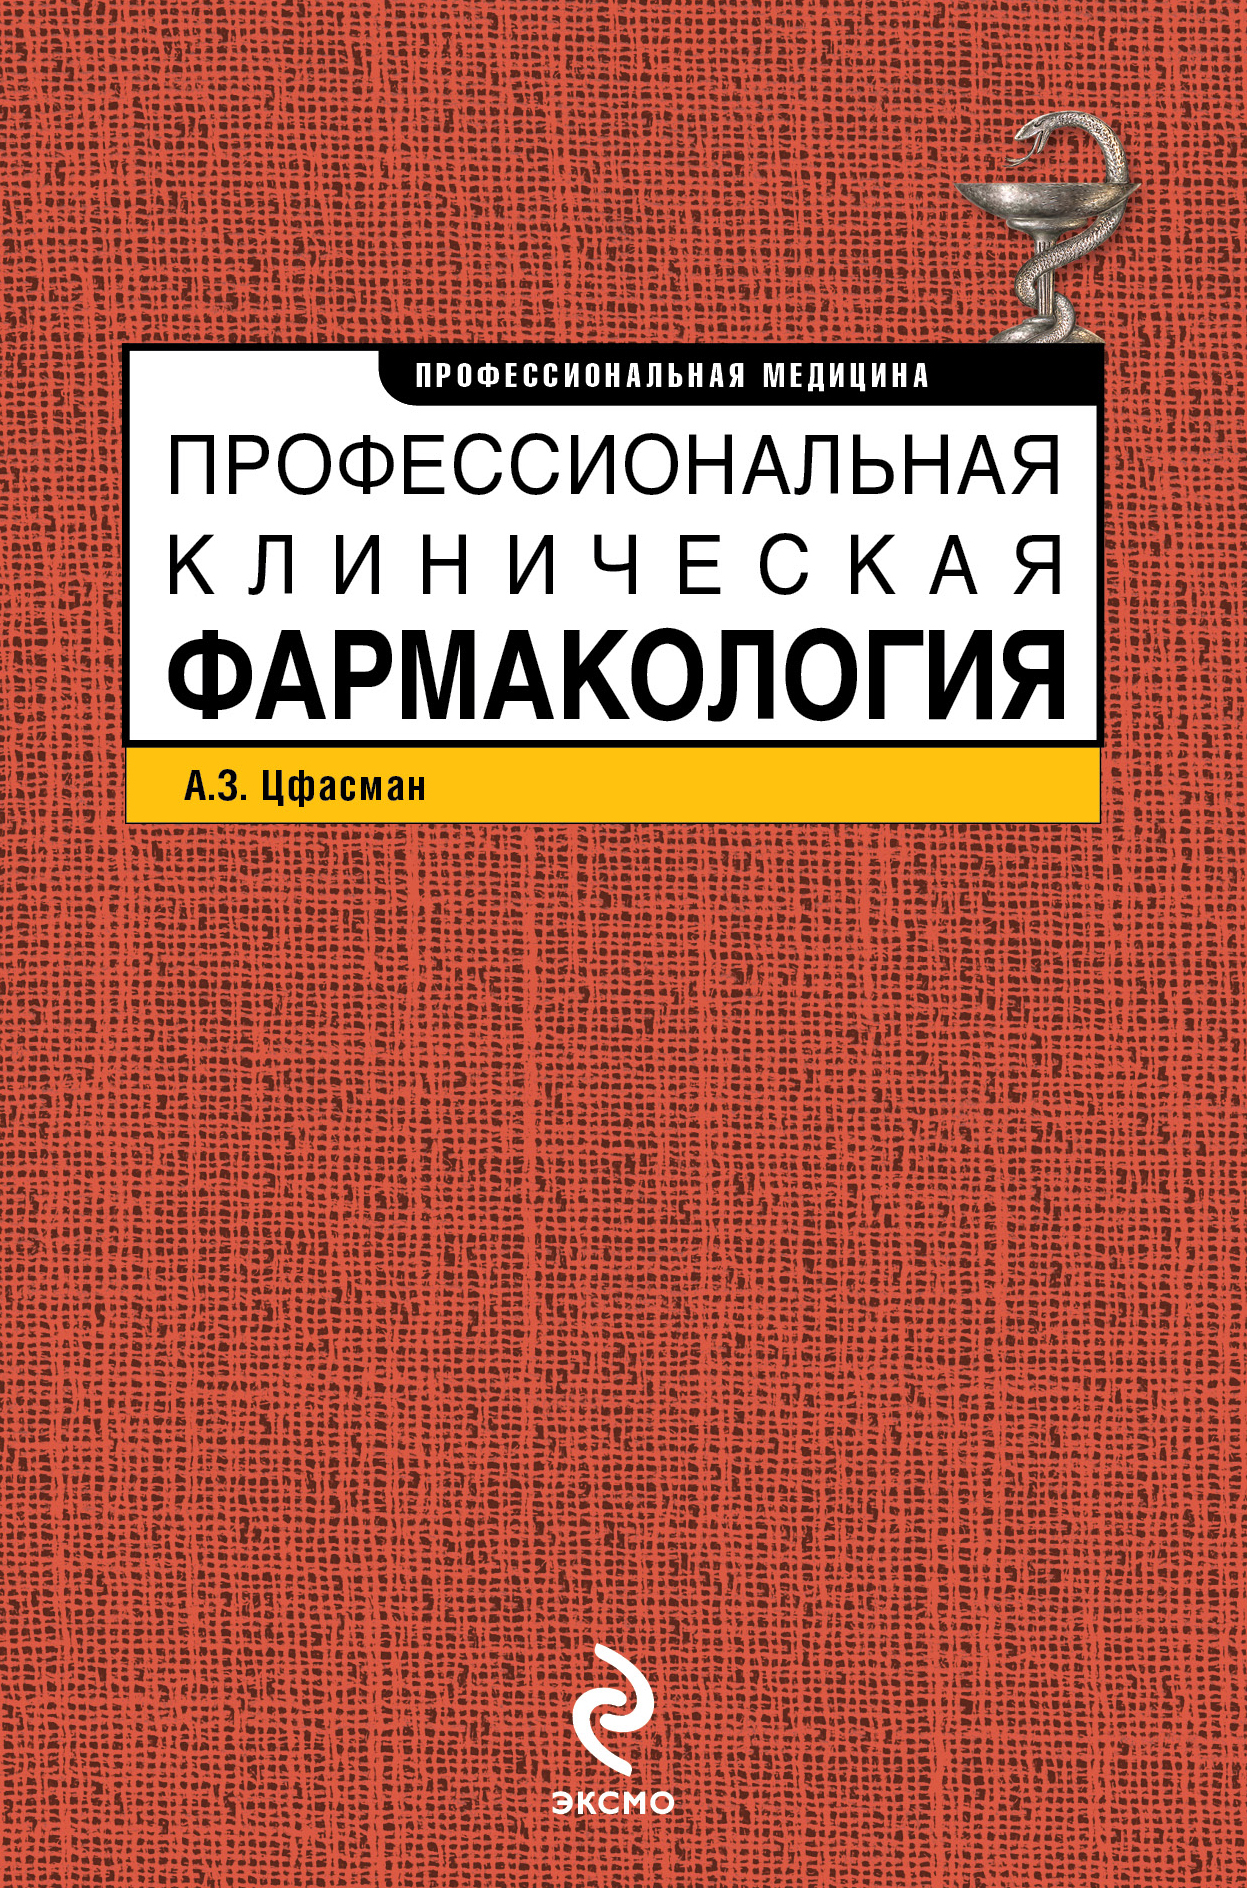 Профессиональная клиническая фармакология ( Цфасман Анатолий Захарович  )